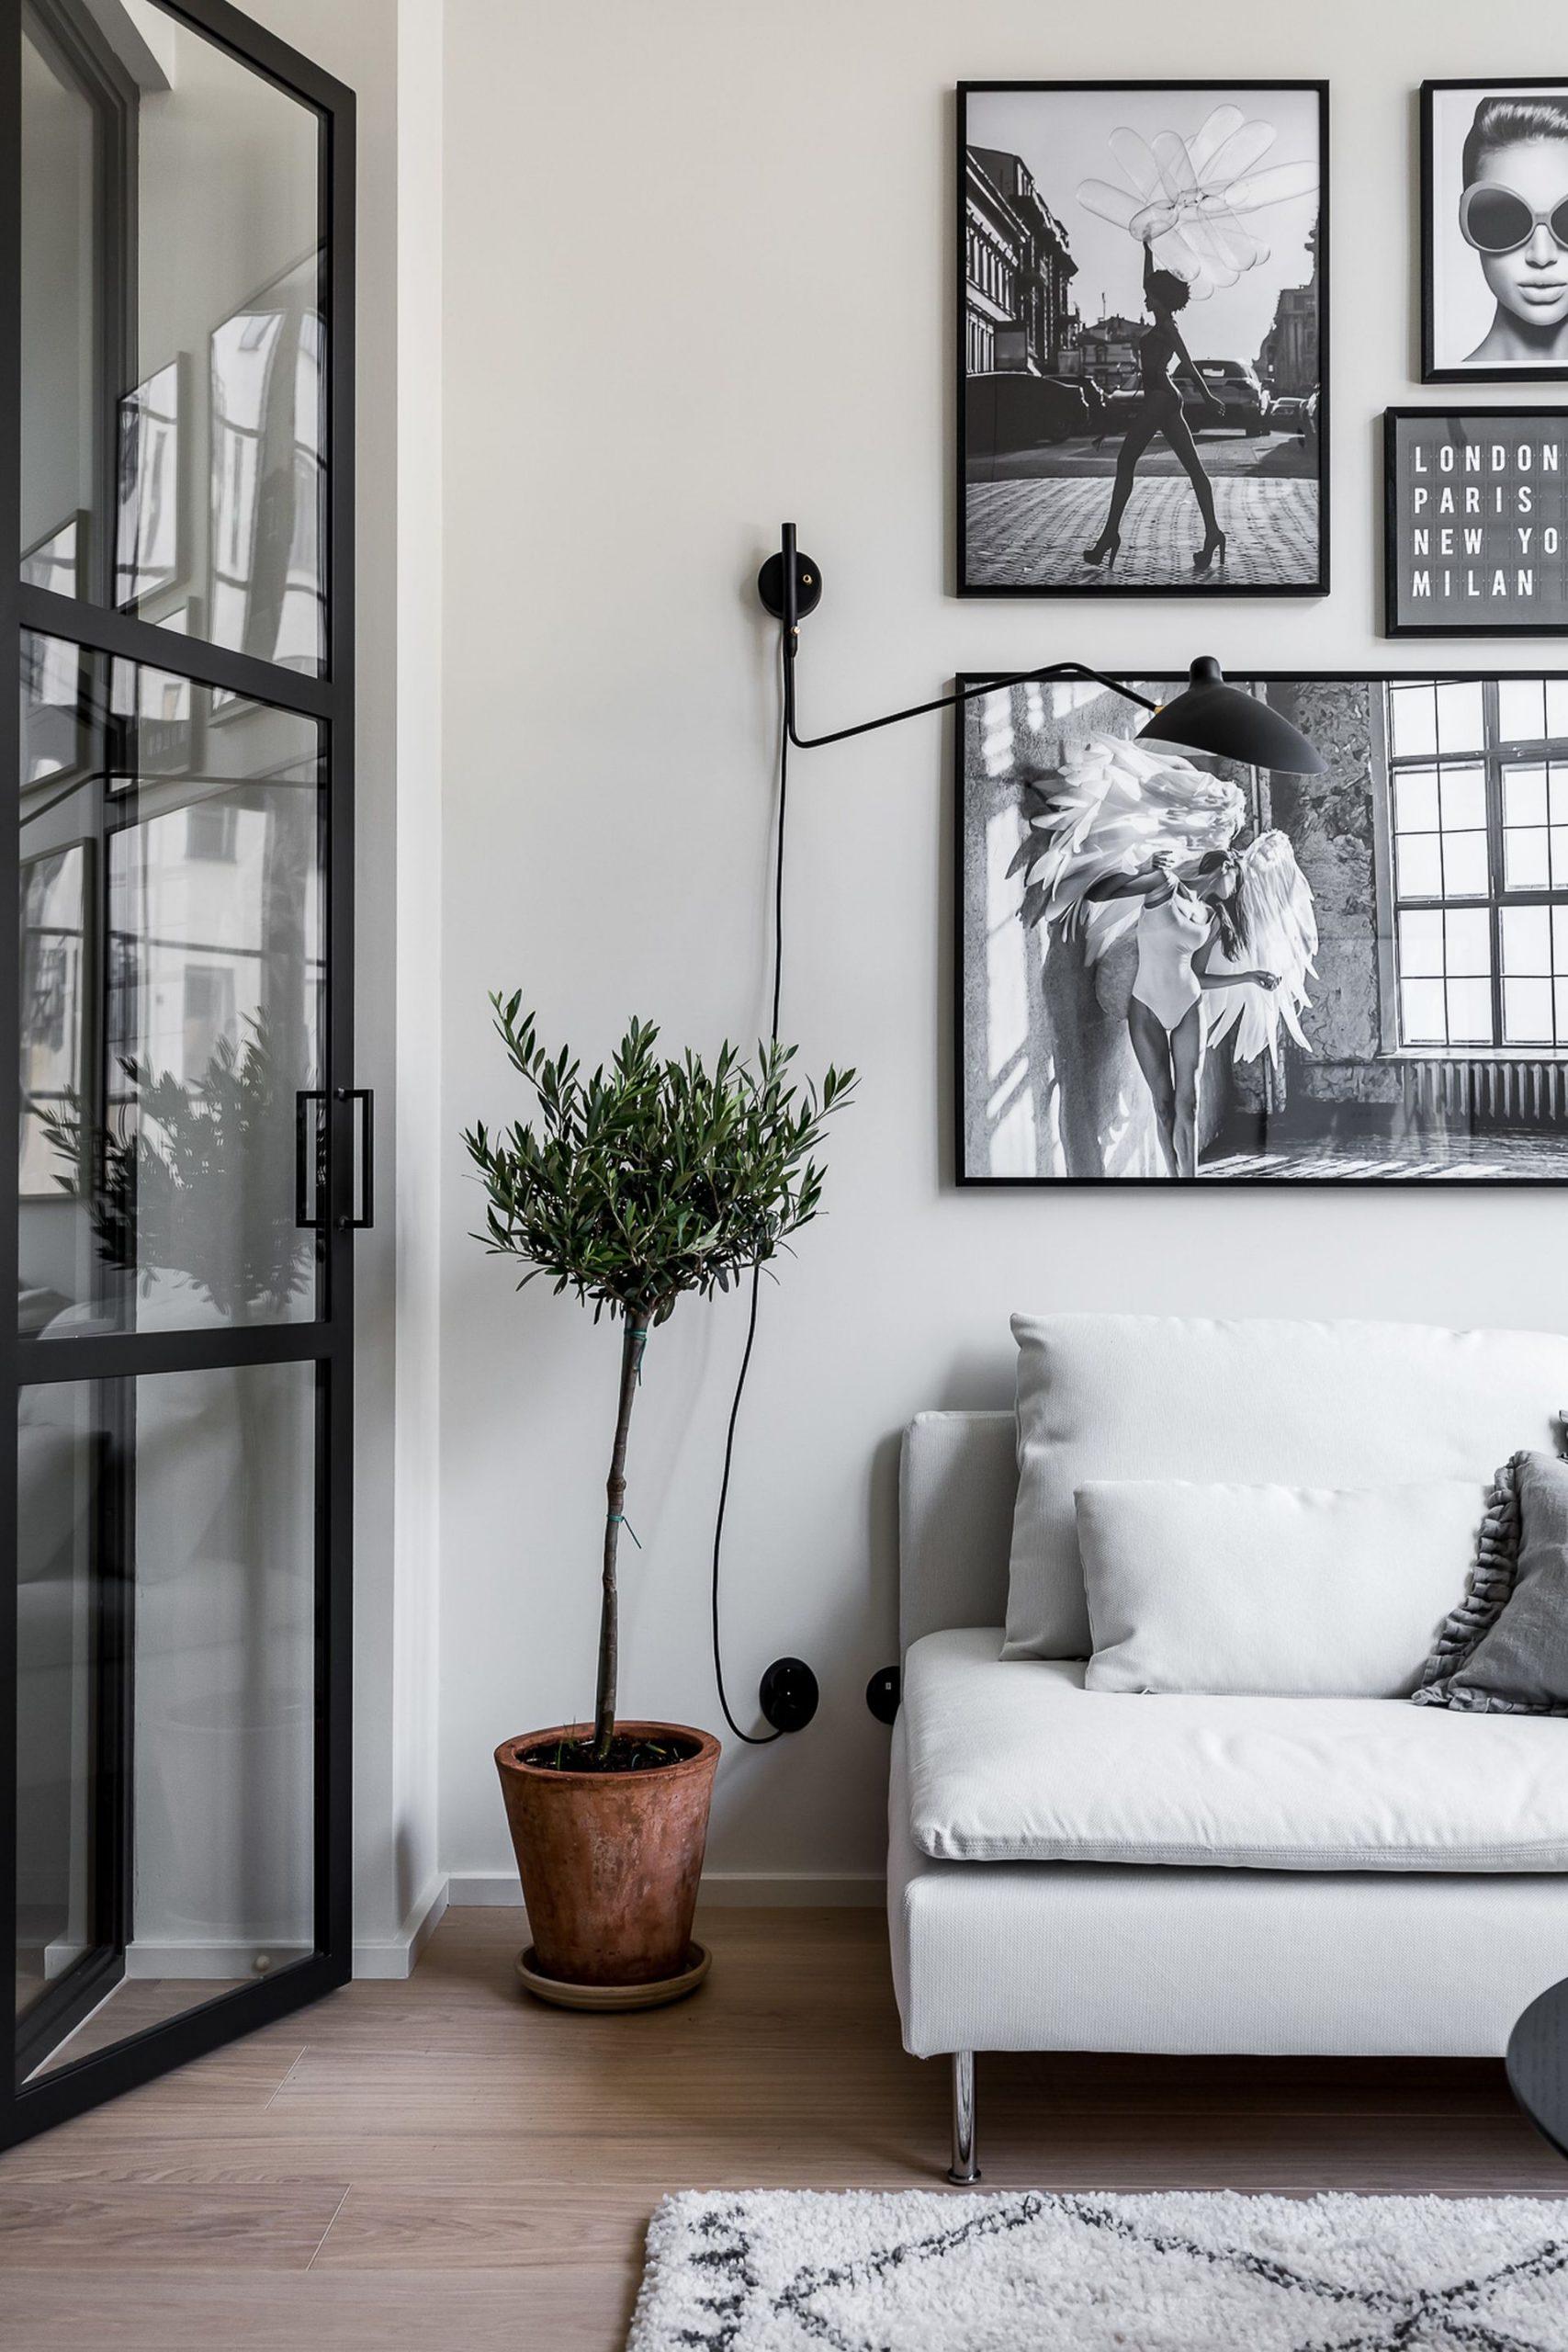 Snygg och original London lägenhet dekor